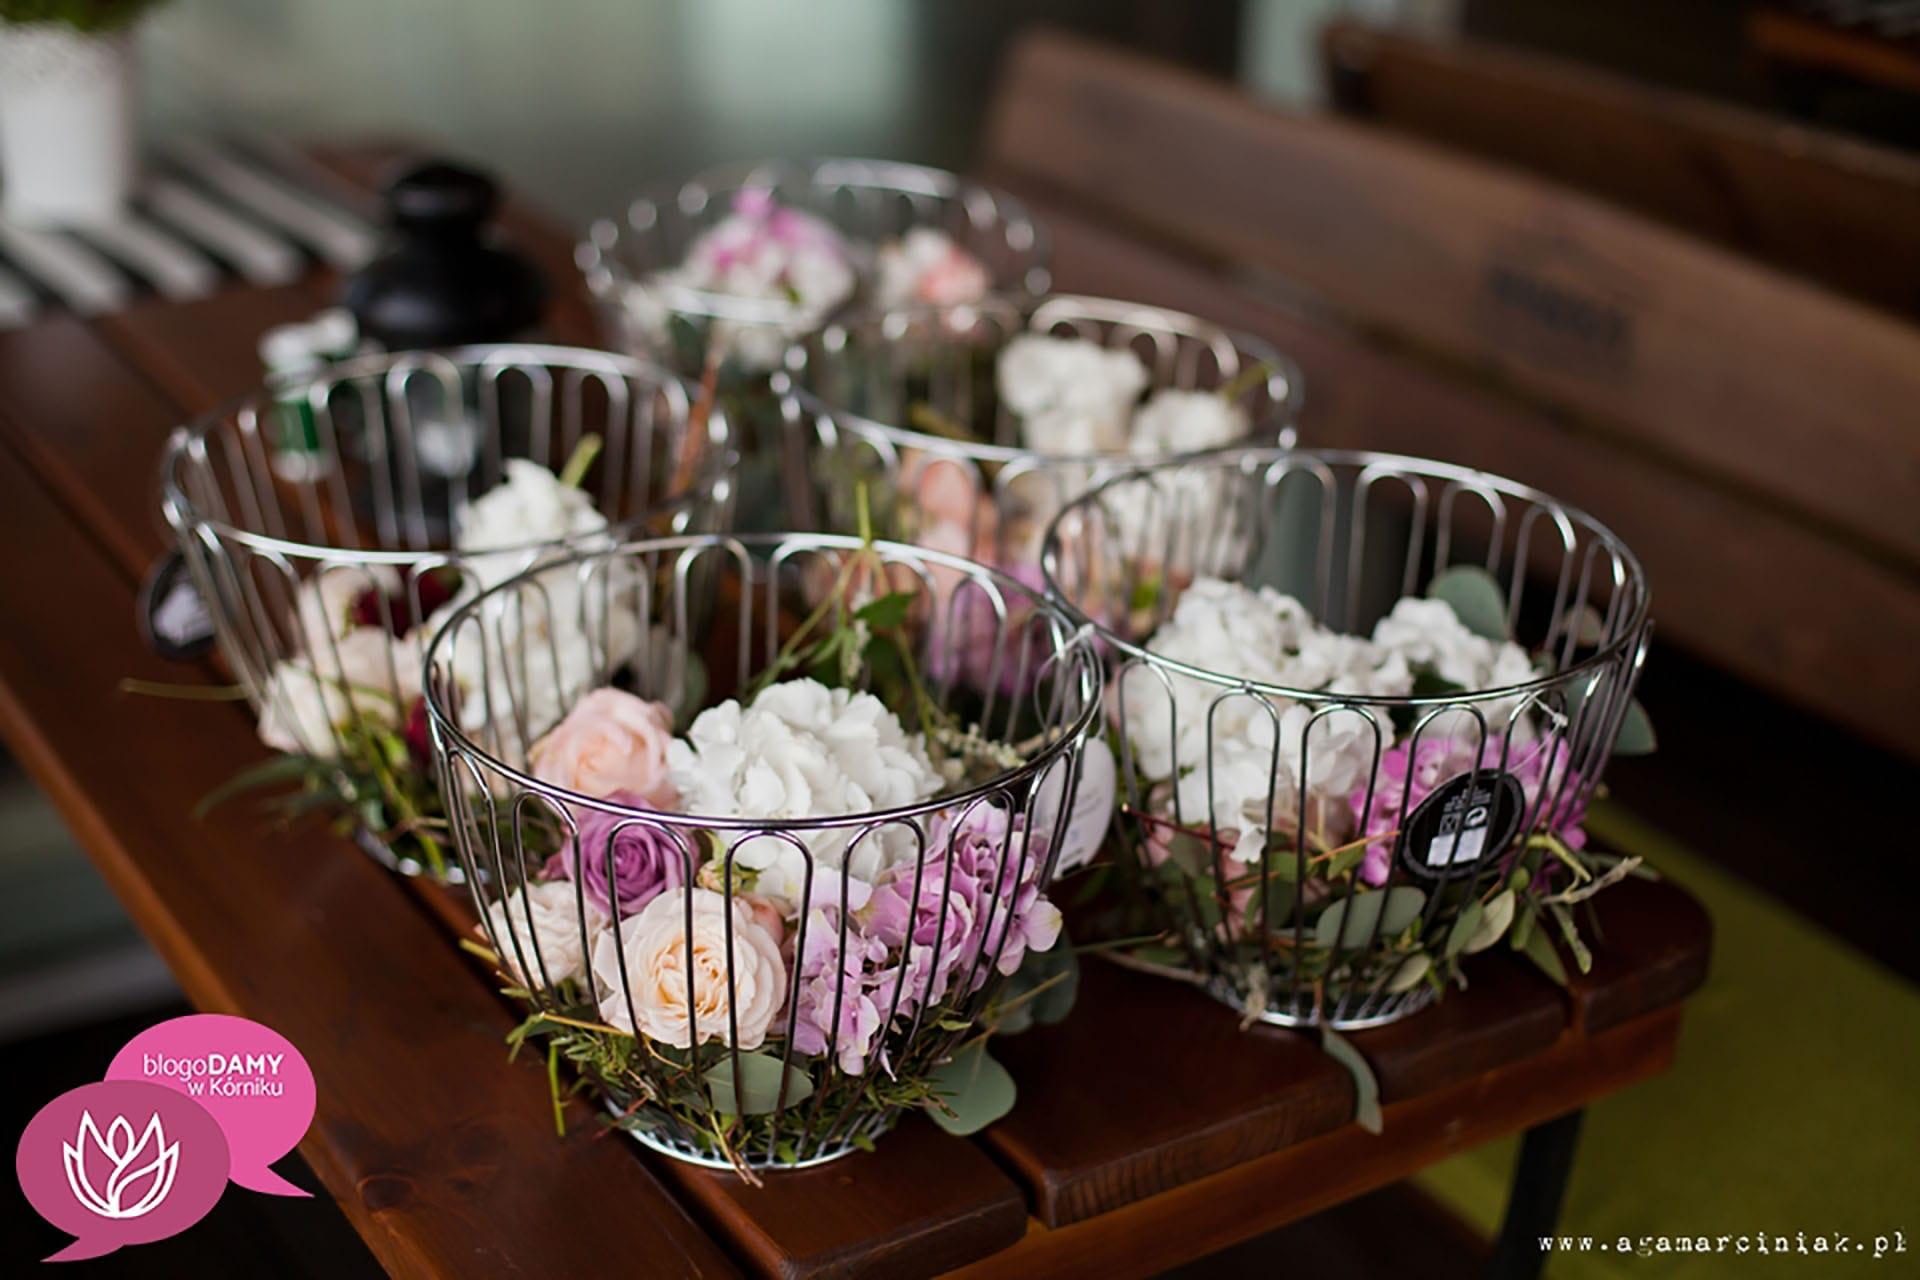 BlogoDamy w Kórniku kwiaty na wianki